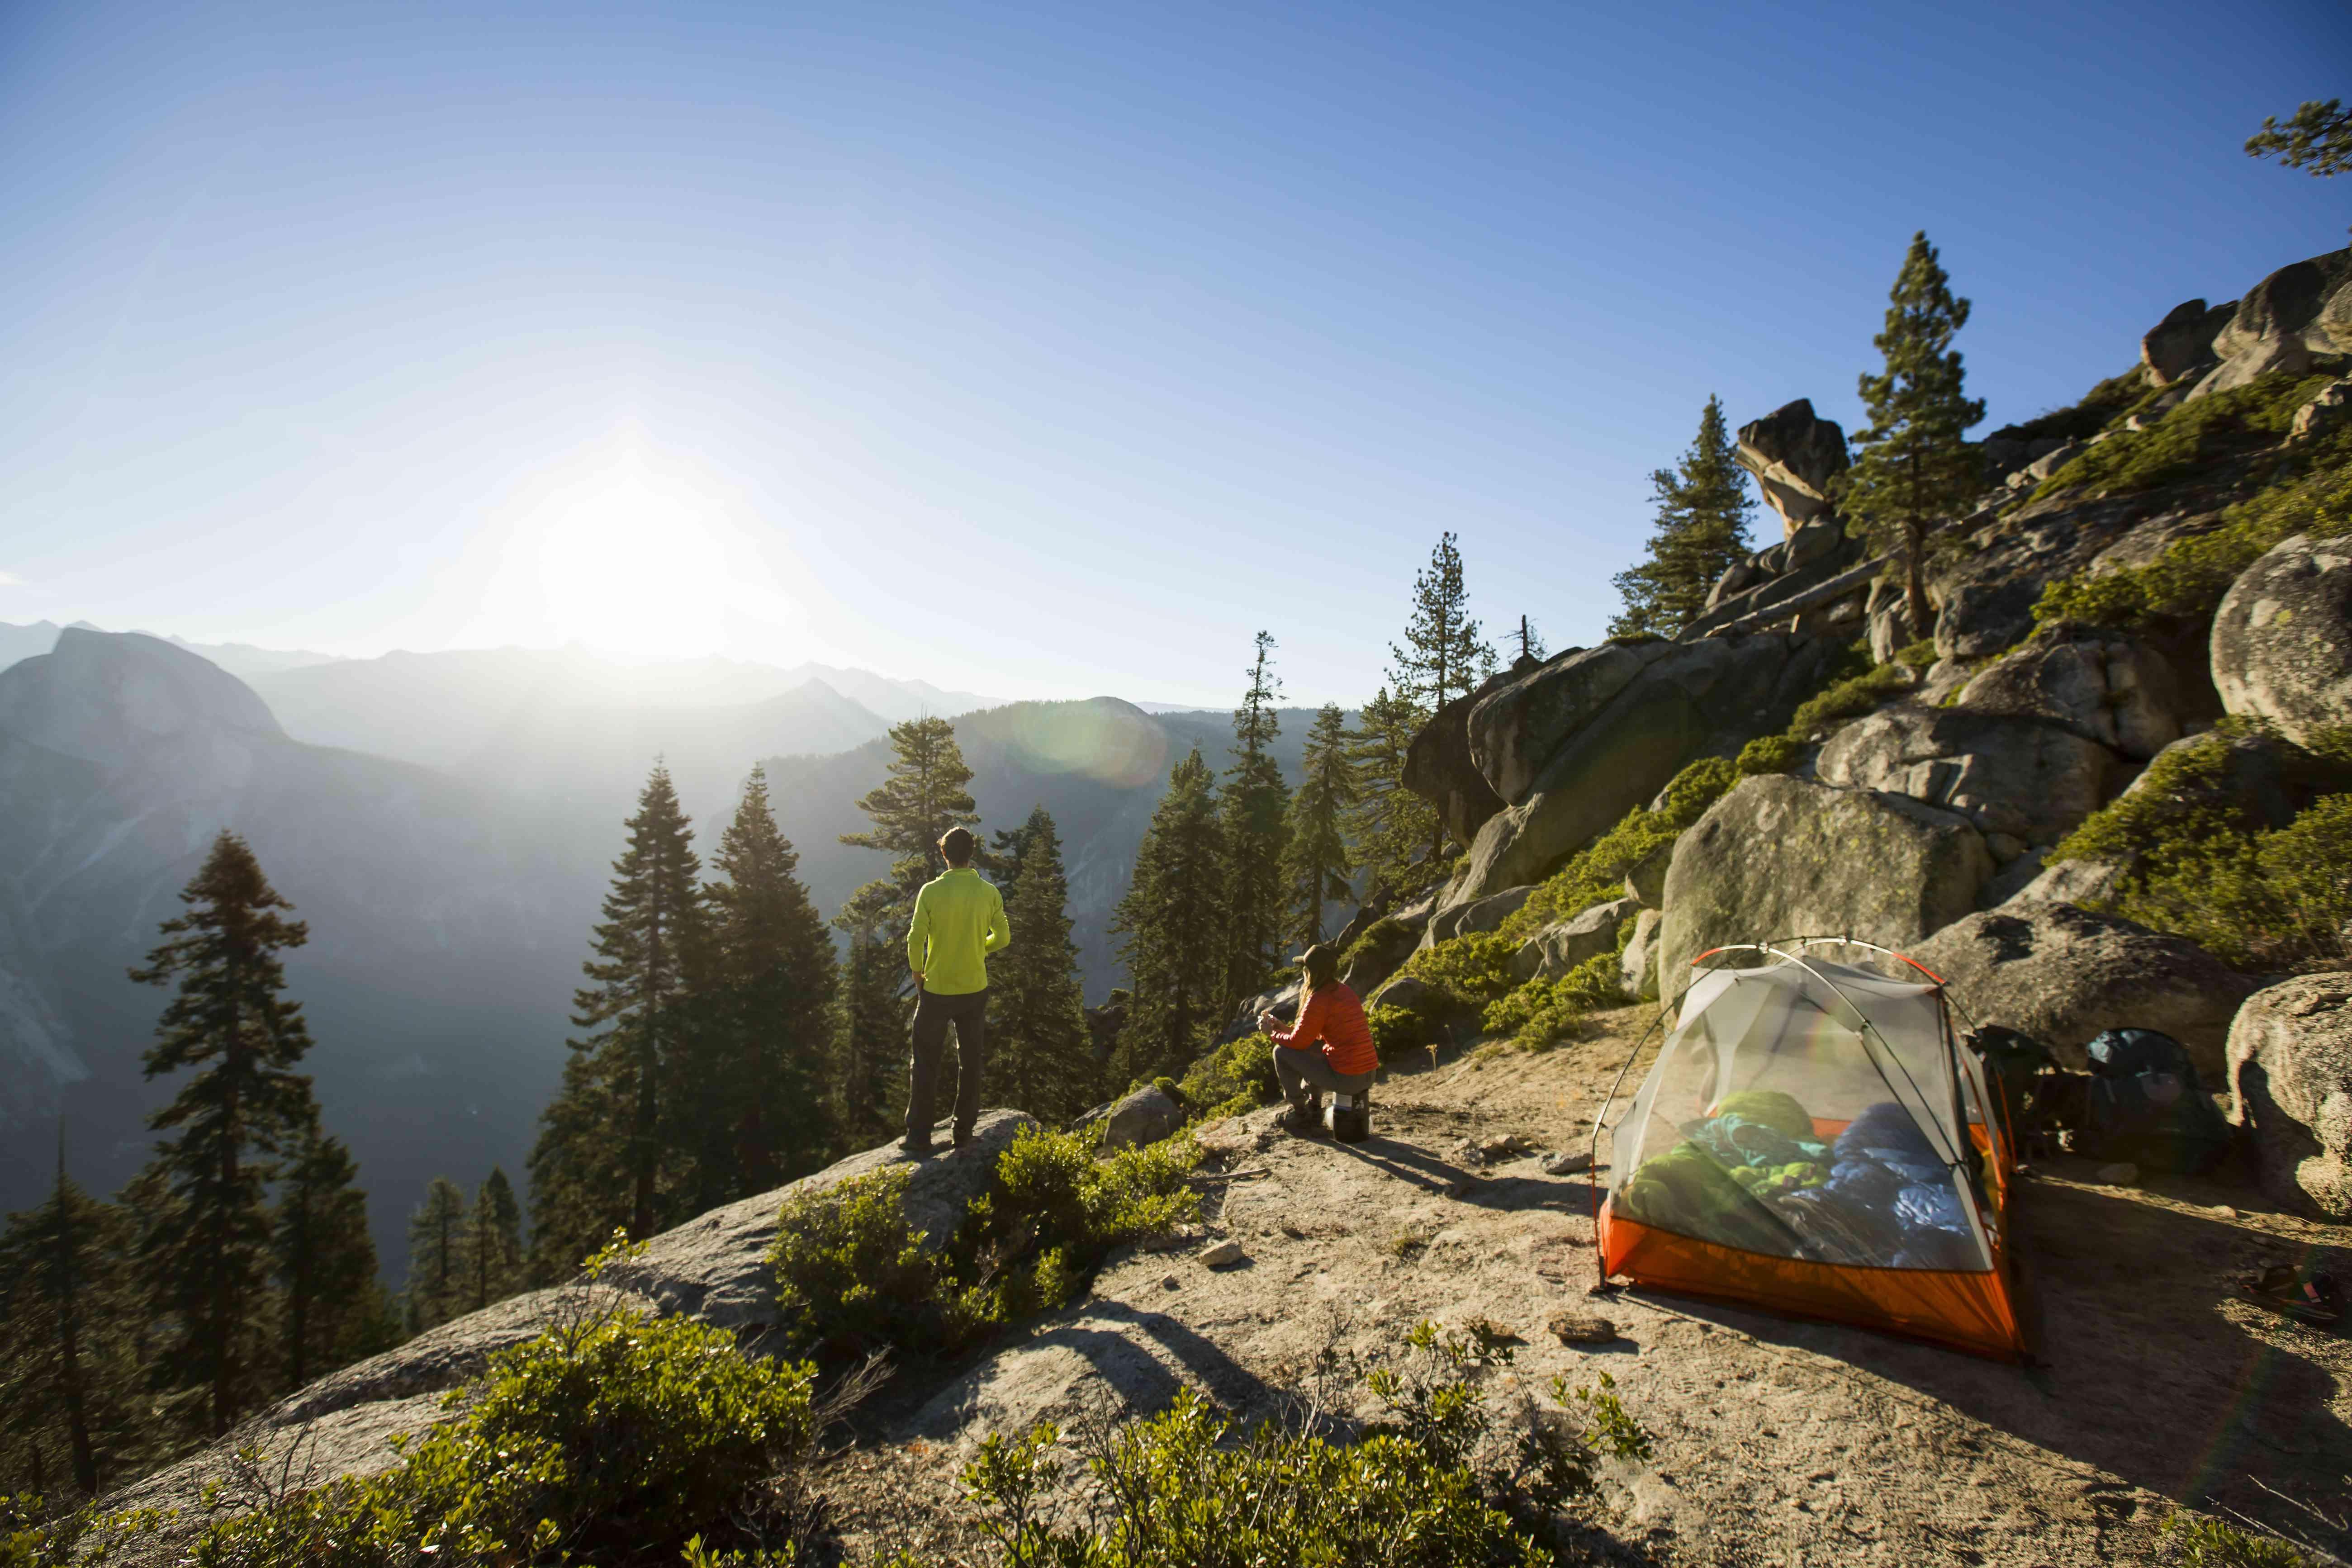 Una pareja mirando el amanecer mientras acampan